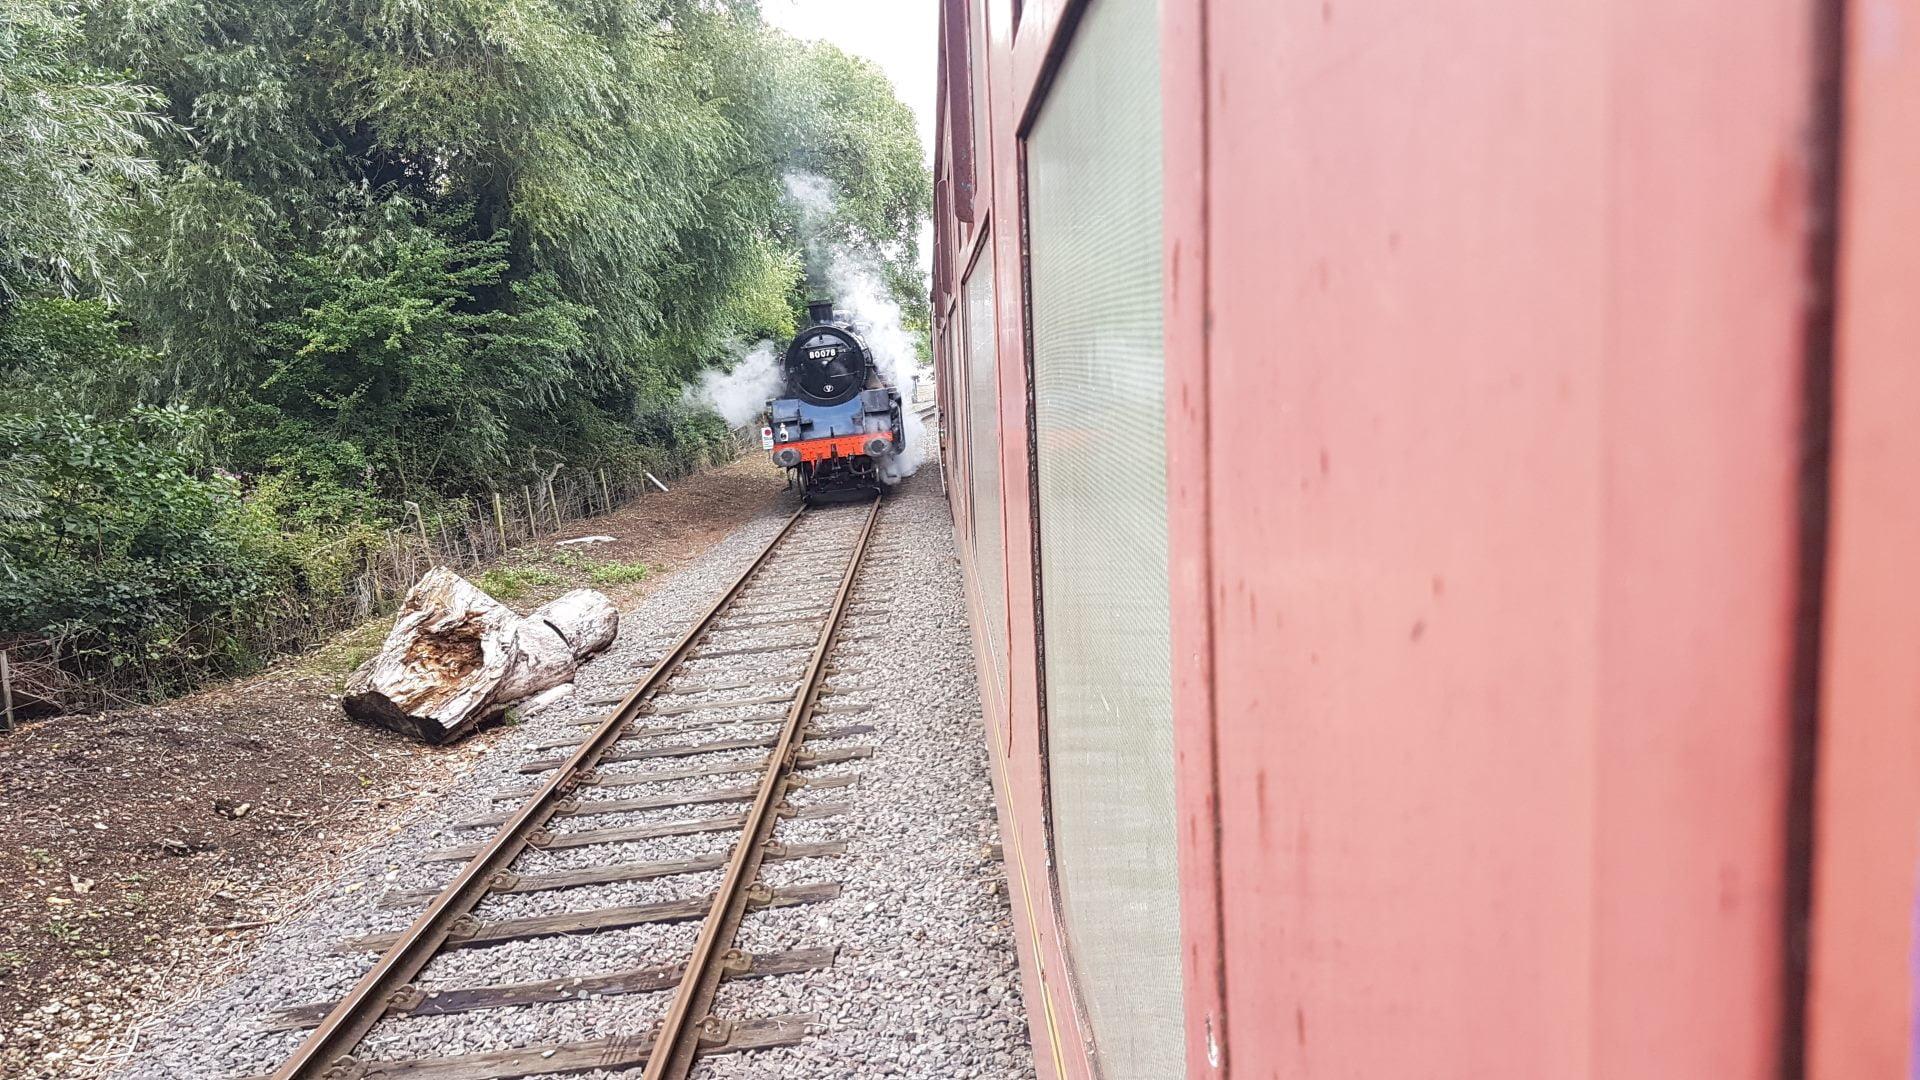 80078 running around its train